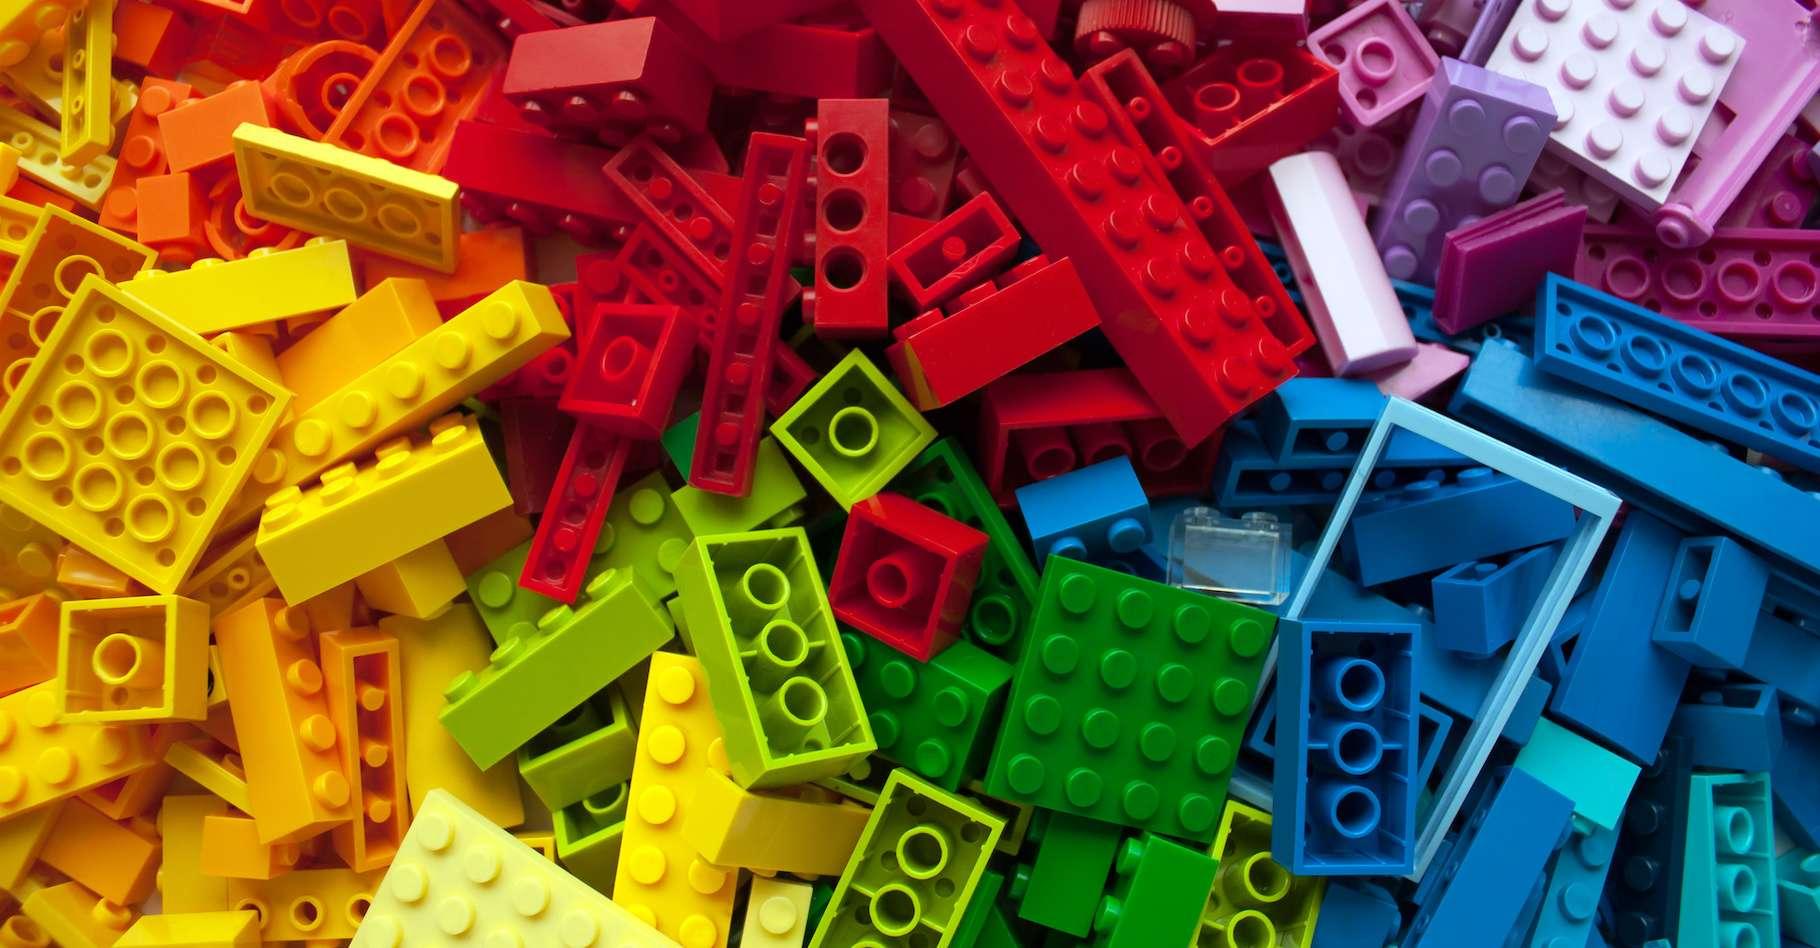 L'inventeur de la figurine Lego est mort à 78 ans